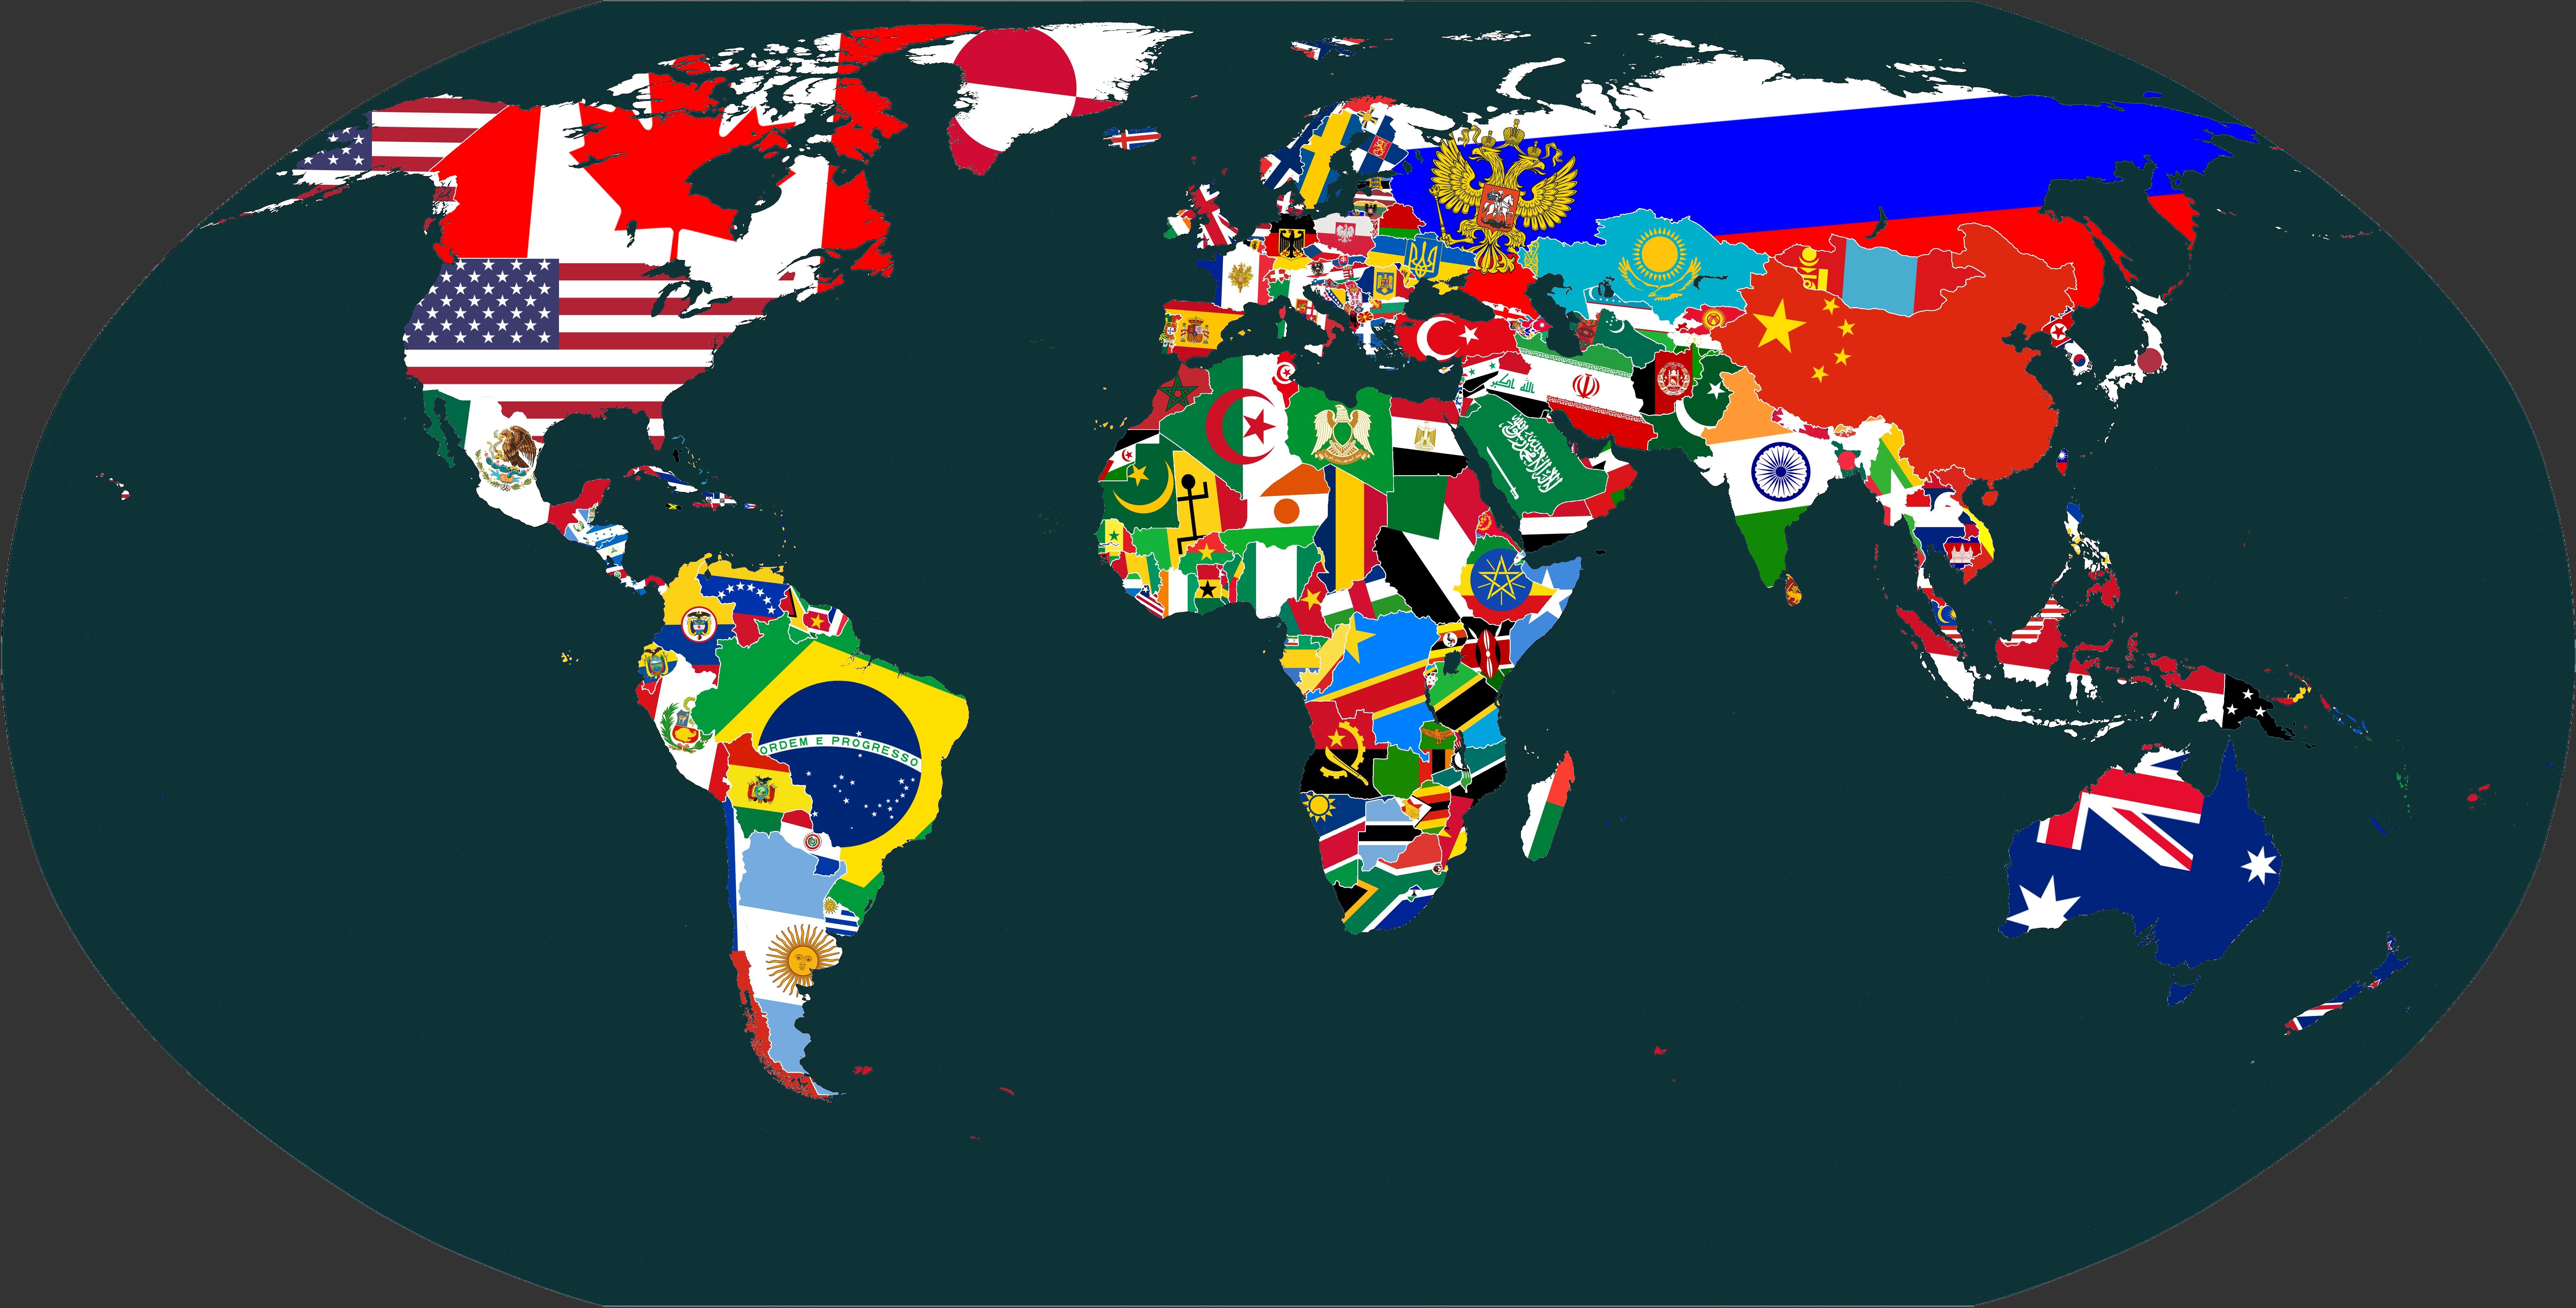 Картинка стран и континентов красивую вещь